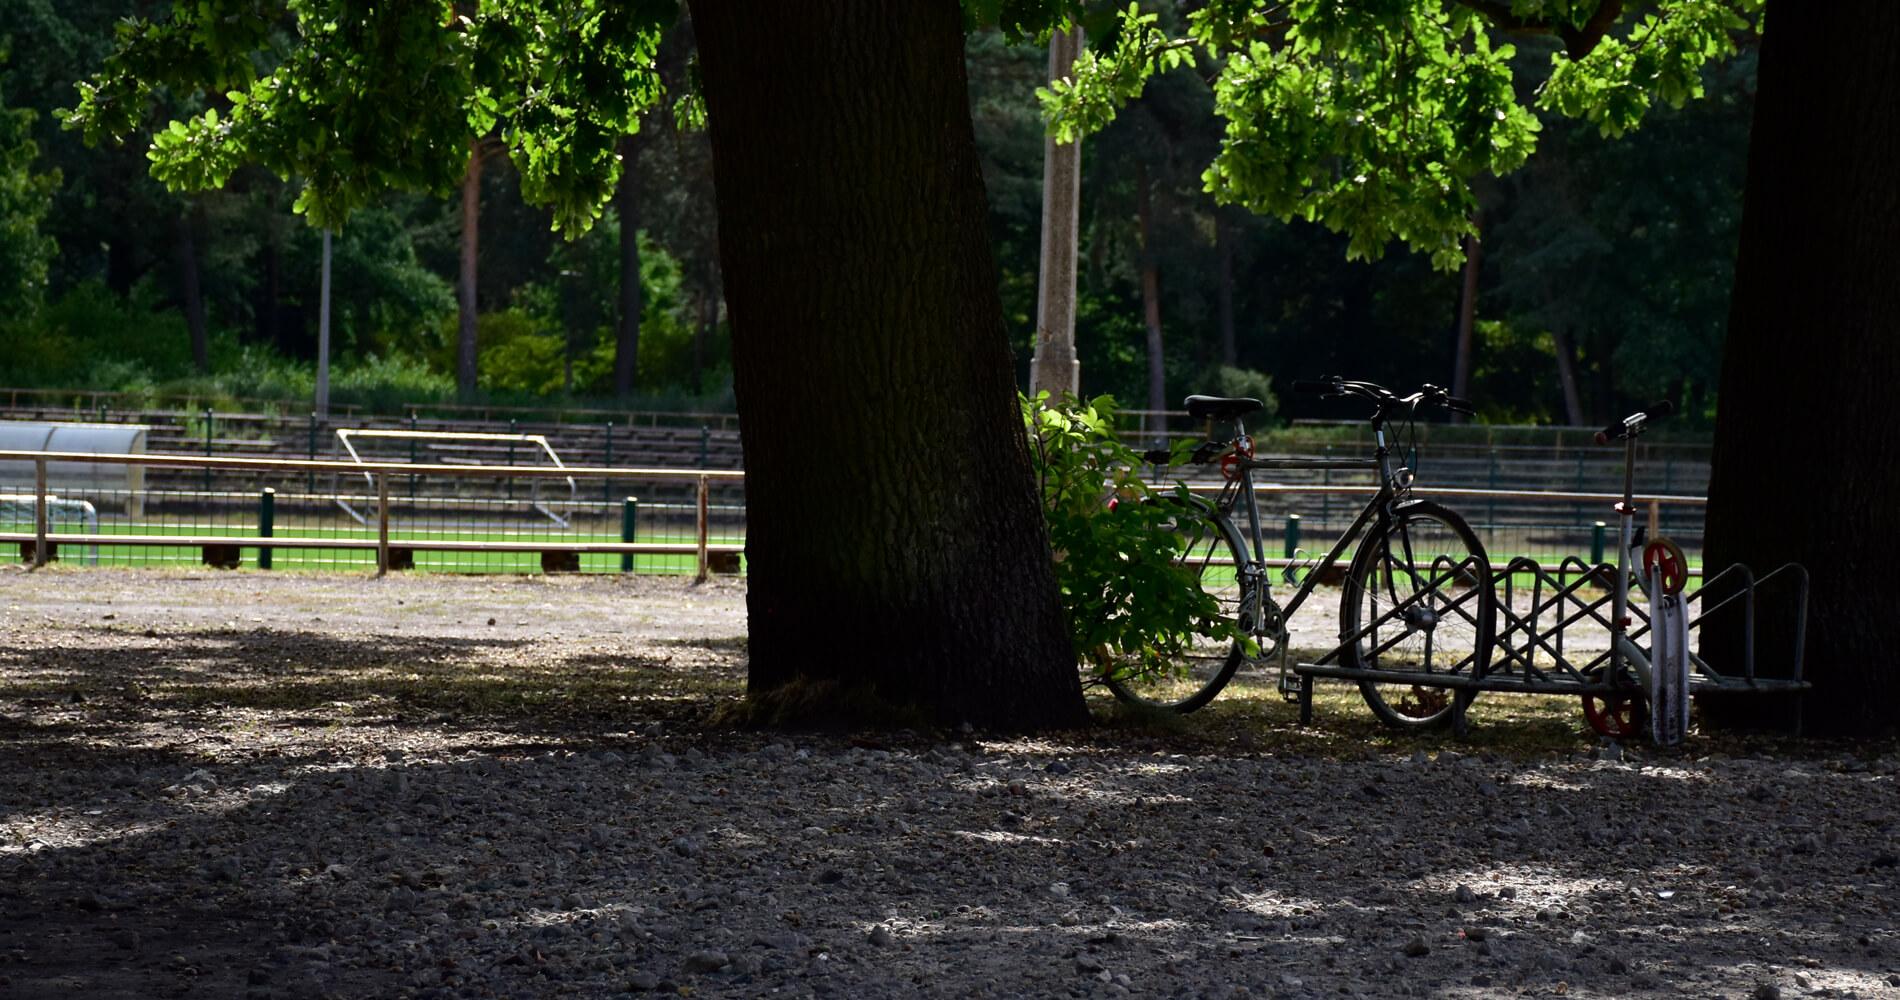 Stadion mit Fahrrad